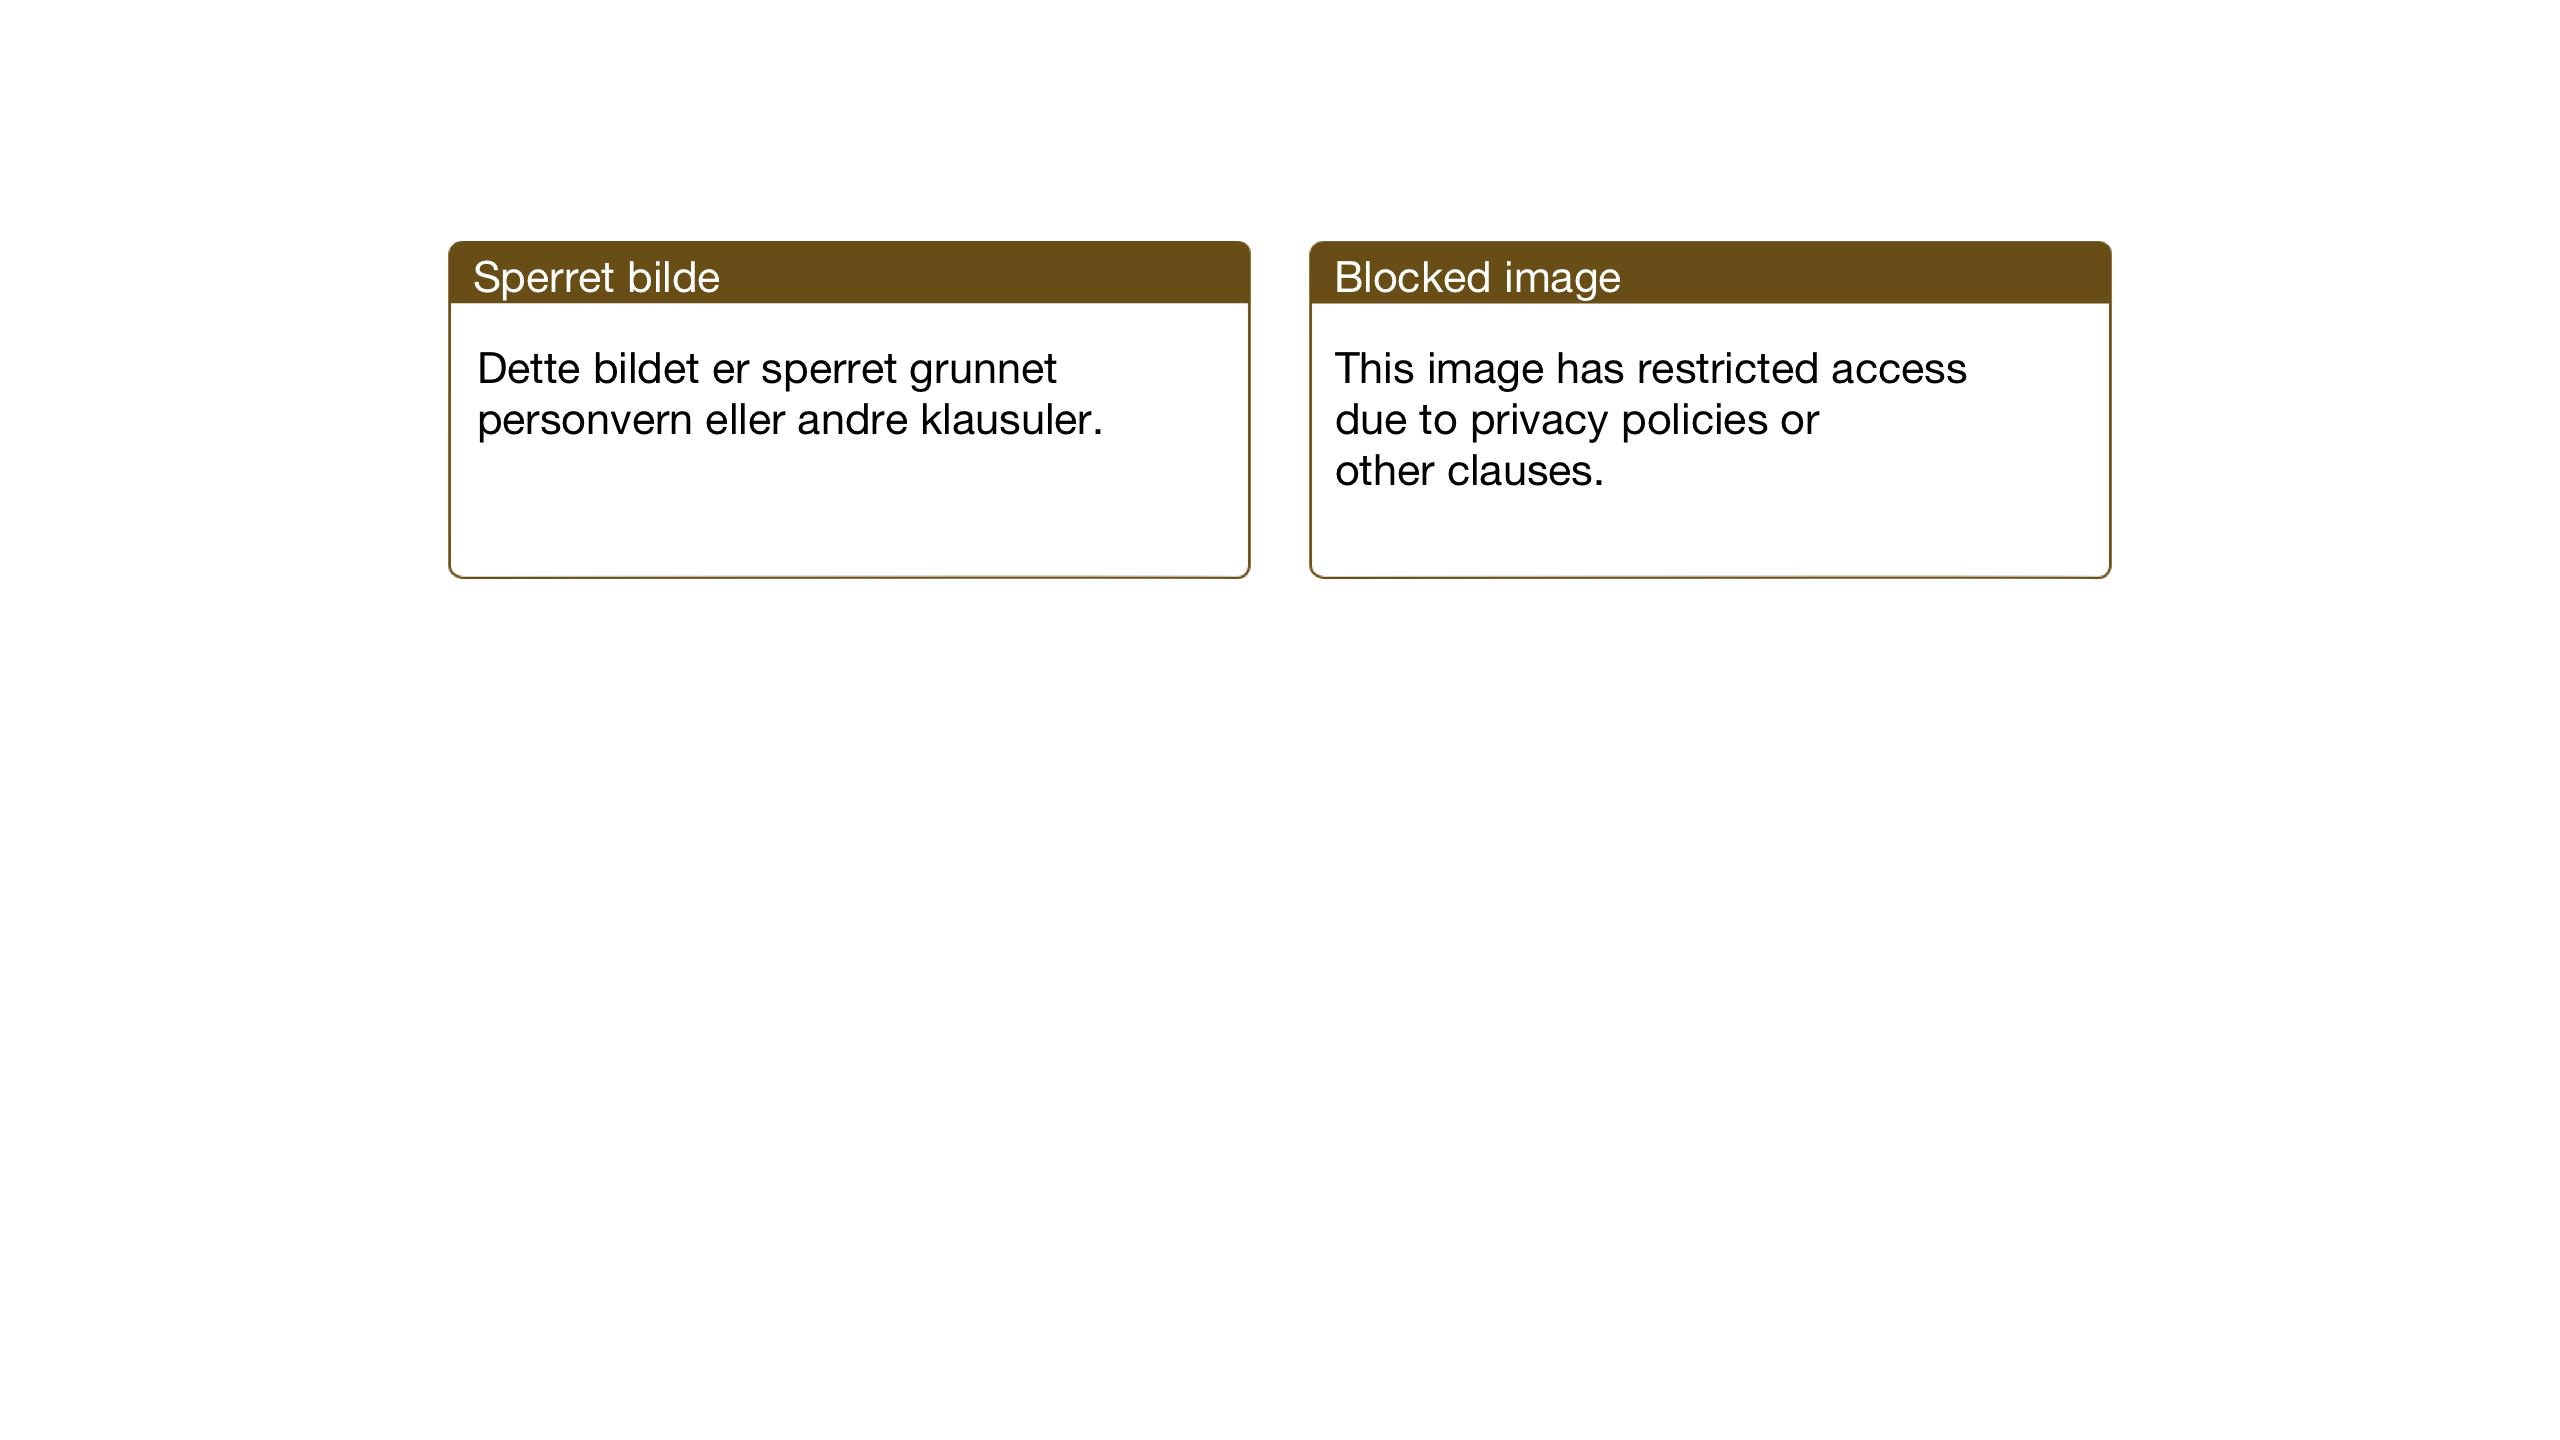 SAT, Ministerialprotokoller, klokkerbøker og fødselsregistre - Sør-Trøndelag, 638/L0569: Klokkerbok nr. 638C01, 1923-1961, s. 86